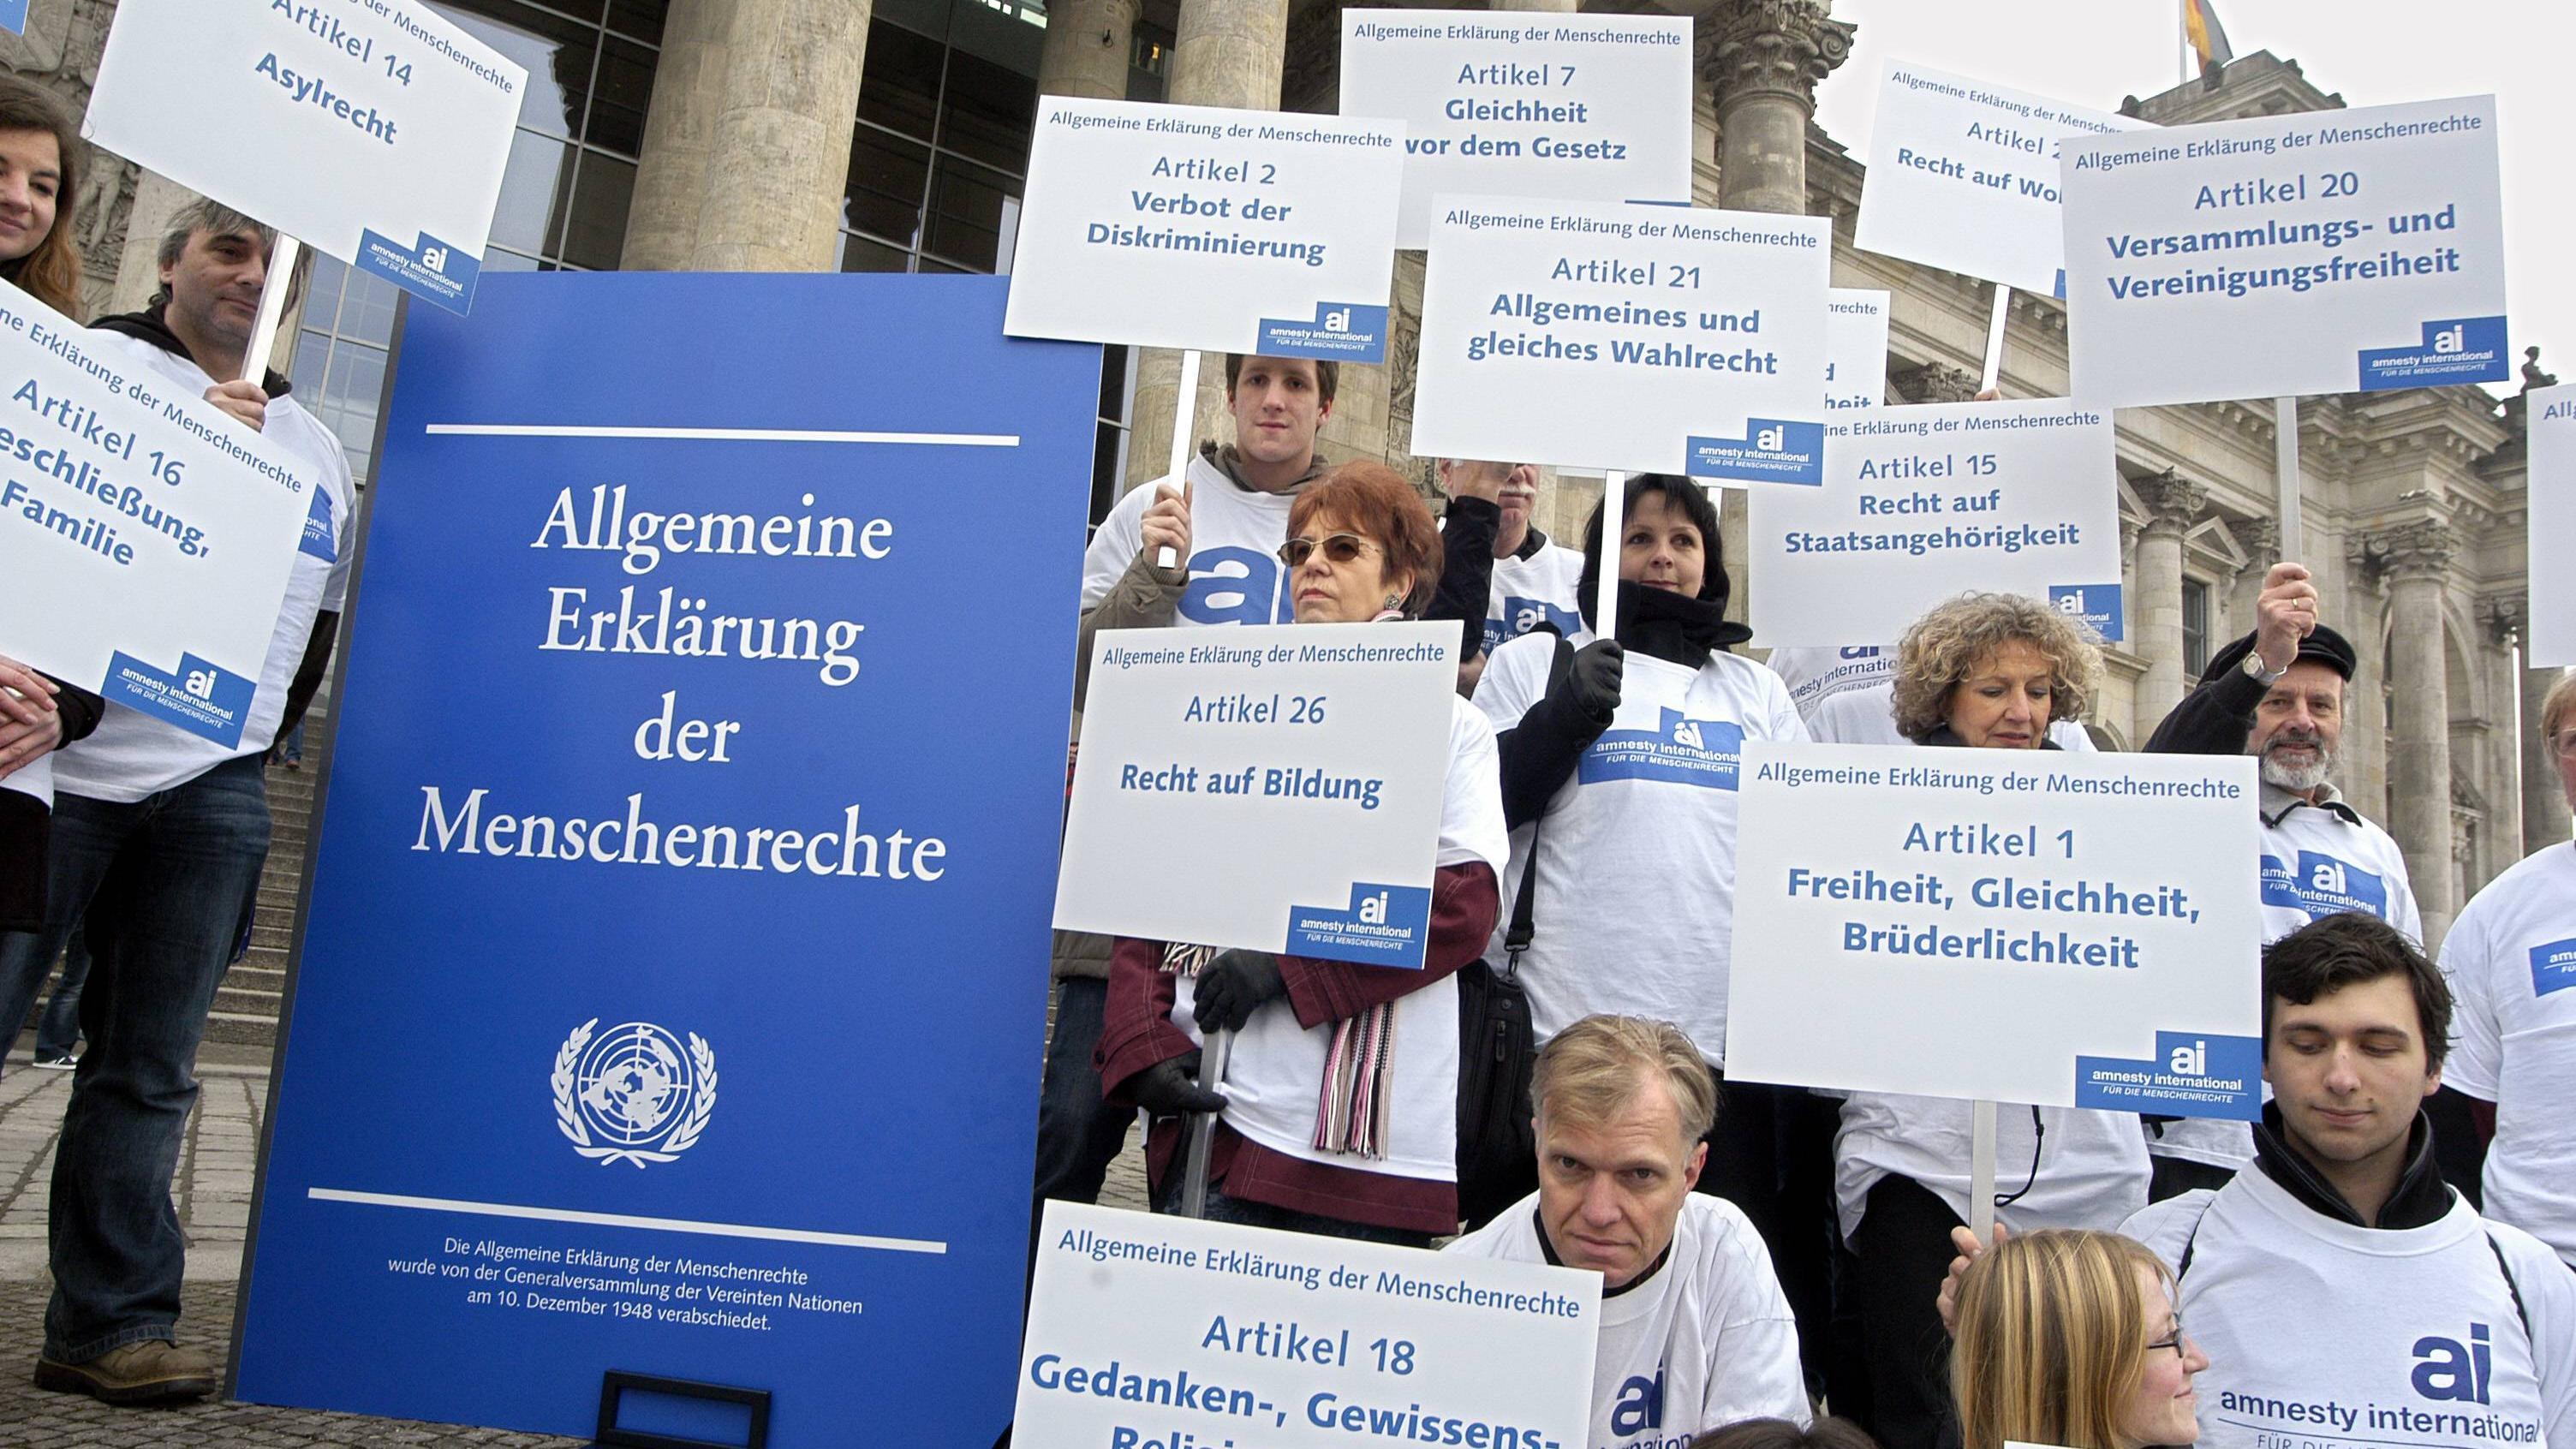 Welche Menschenrechte gibt es? Alle Menschenrechte auf einen Blick